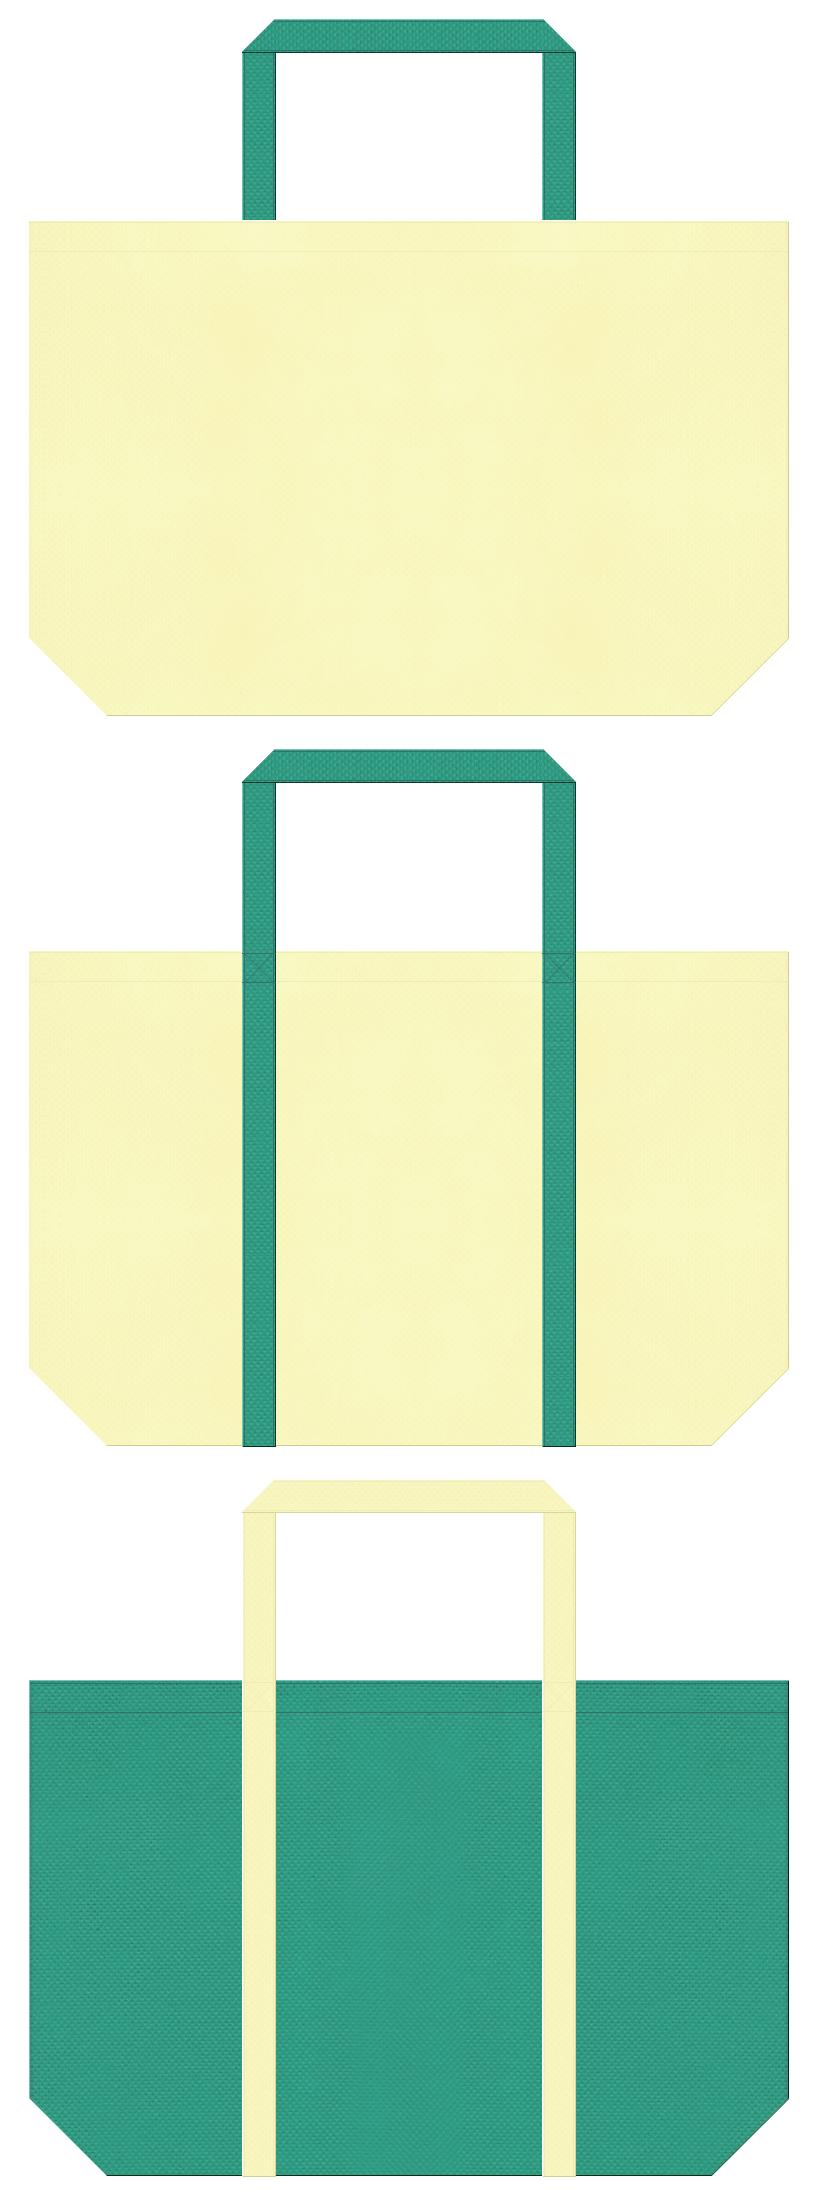 医療施設・福祉施設・介護施設・石鹸・洗剤・バス用品・お掃除用品・家庭用品の展示会用バッグにお奨めの不織布バッグデザイン:薄黄色と青緑色のコーデ